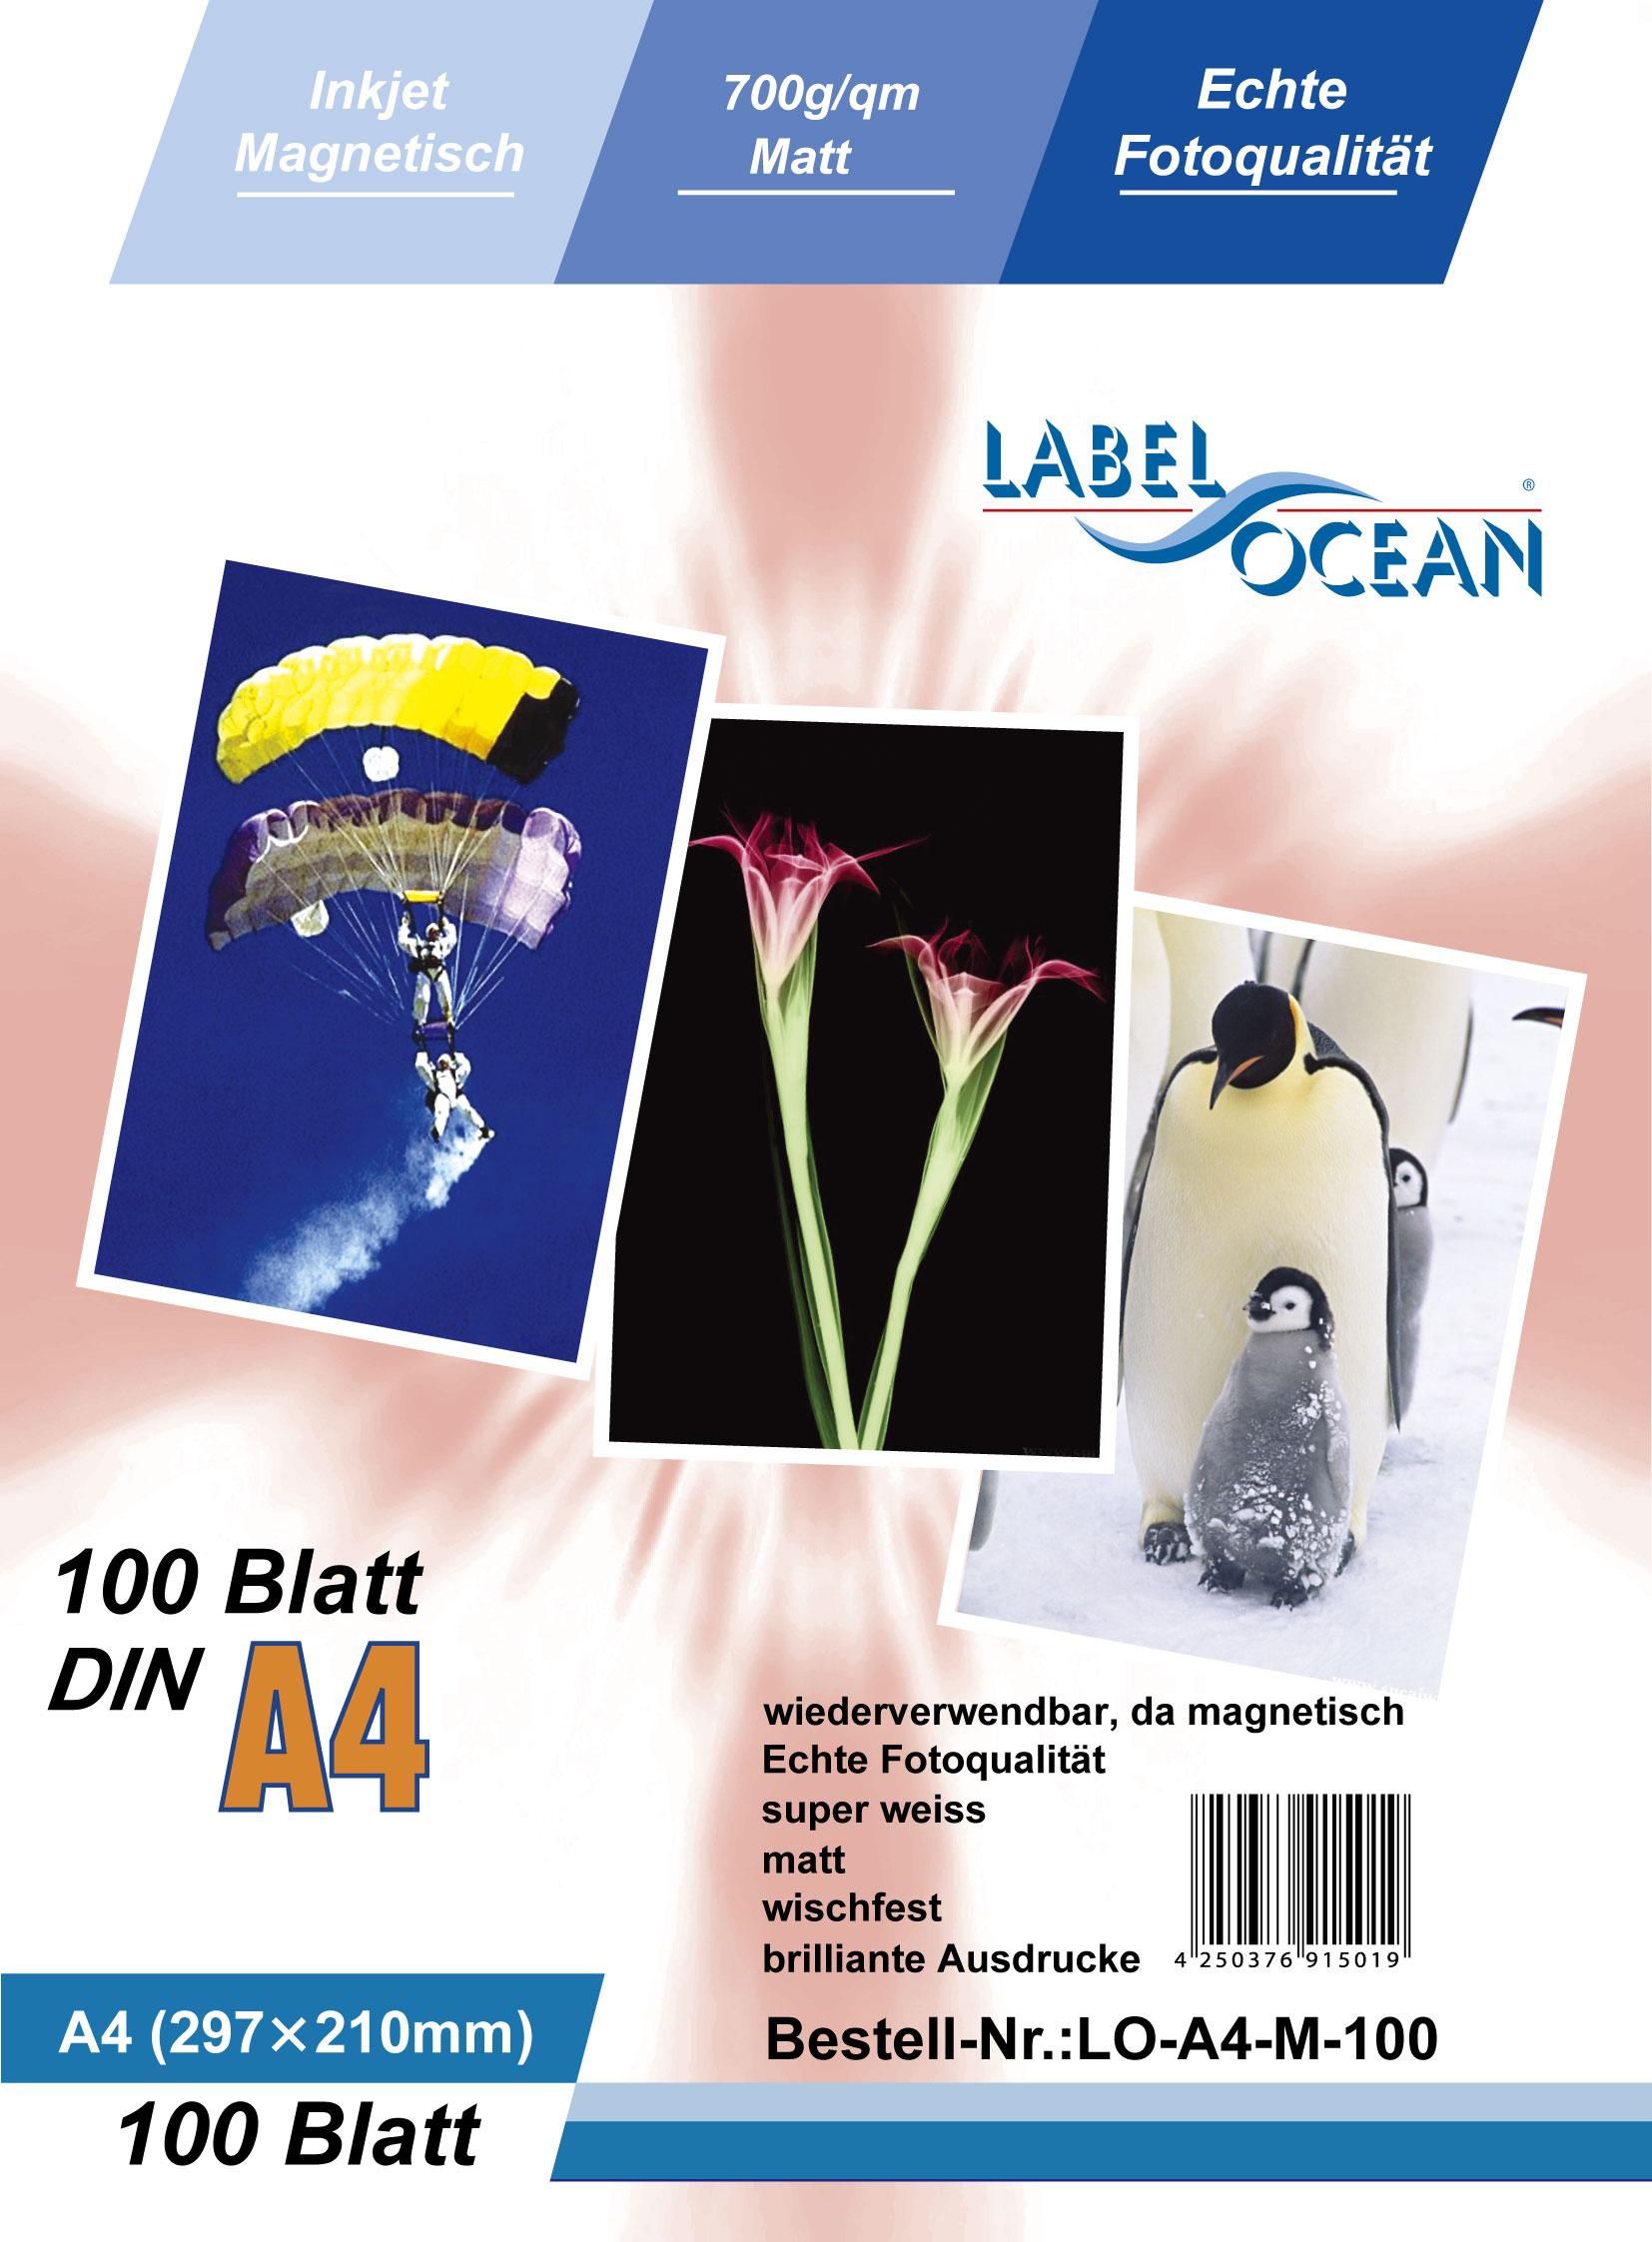 Origineel Premium magnetisch papier van LabelOcean® -LO-A4-M-100